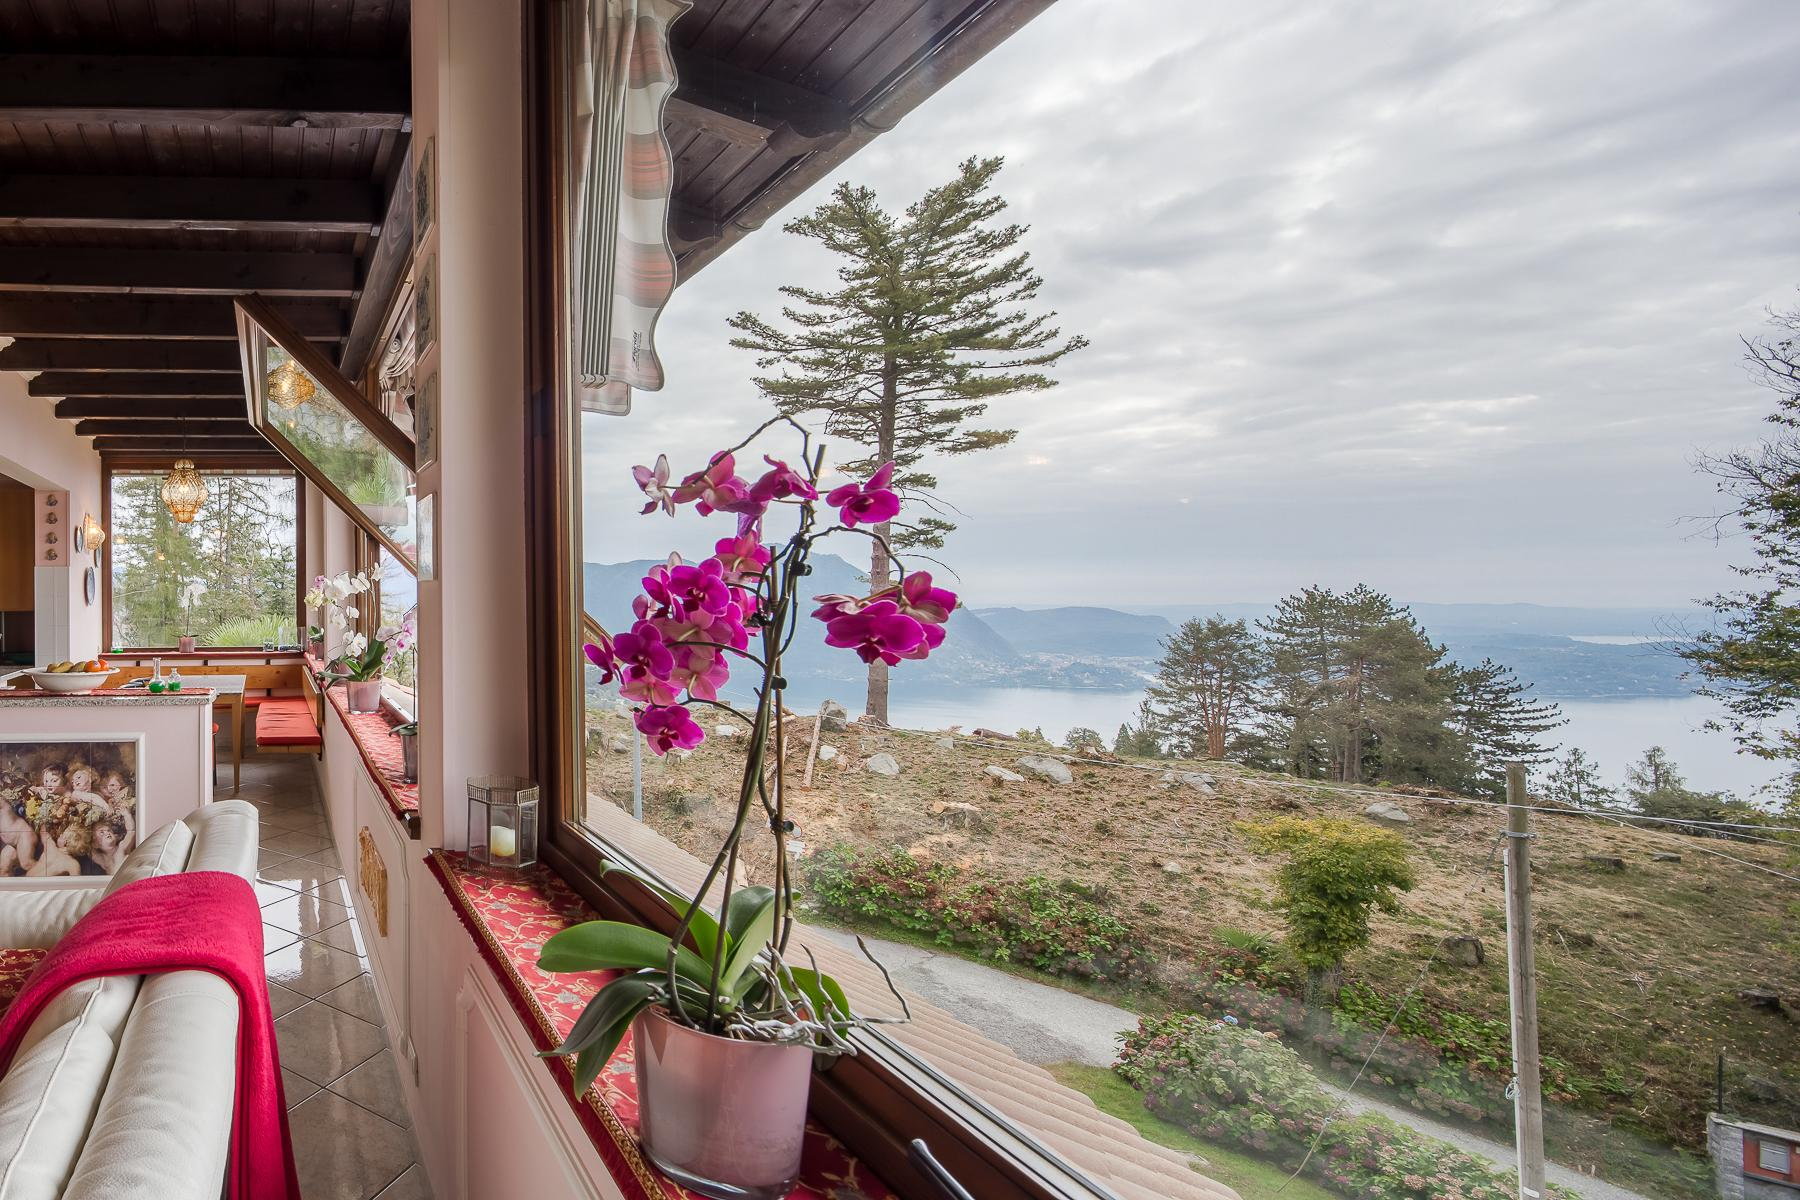 Villa unifamiliare nella zona collinare di Verbania con vista magnifica sul lago - 1